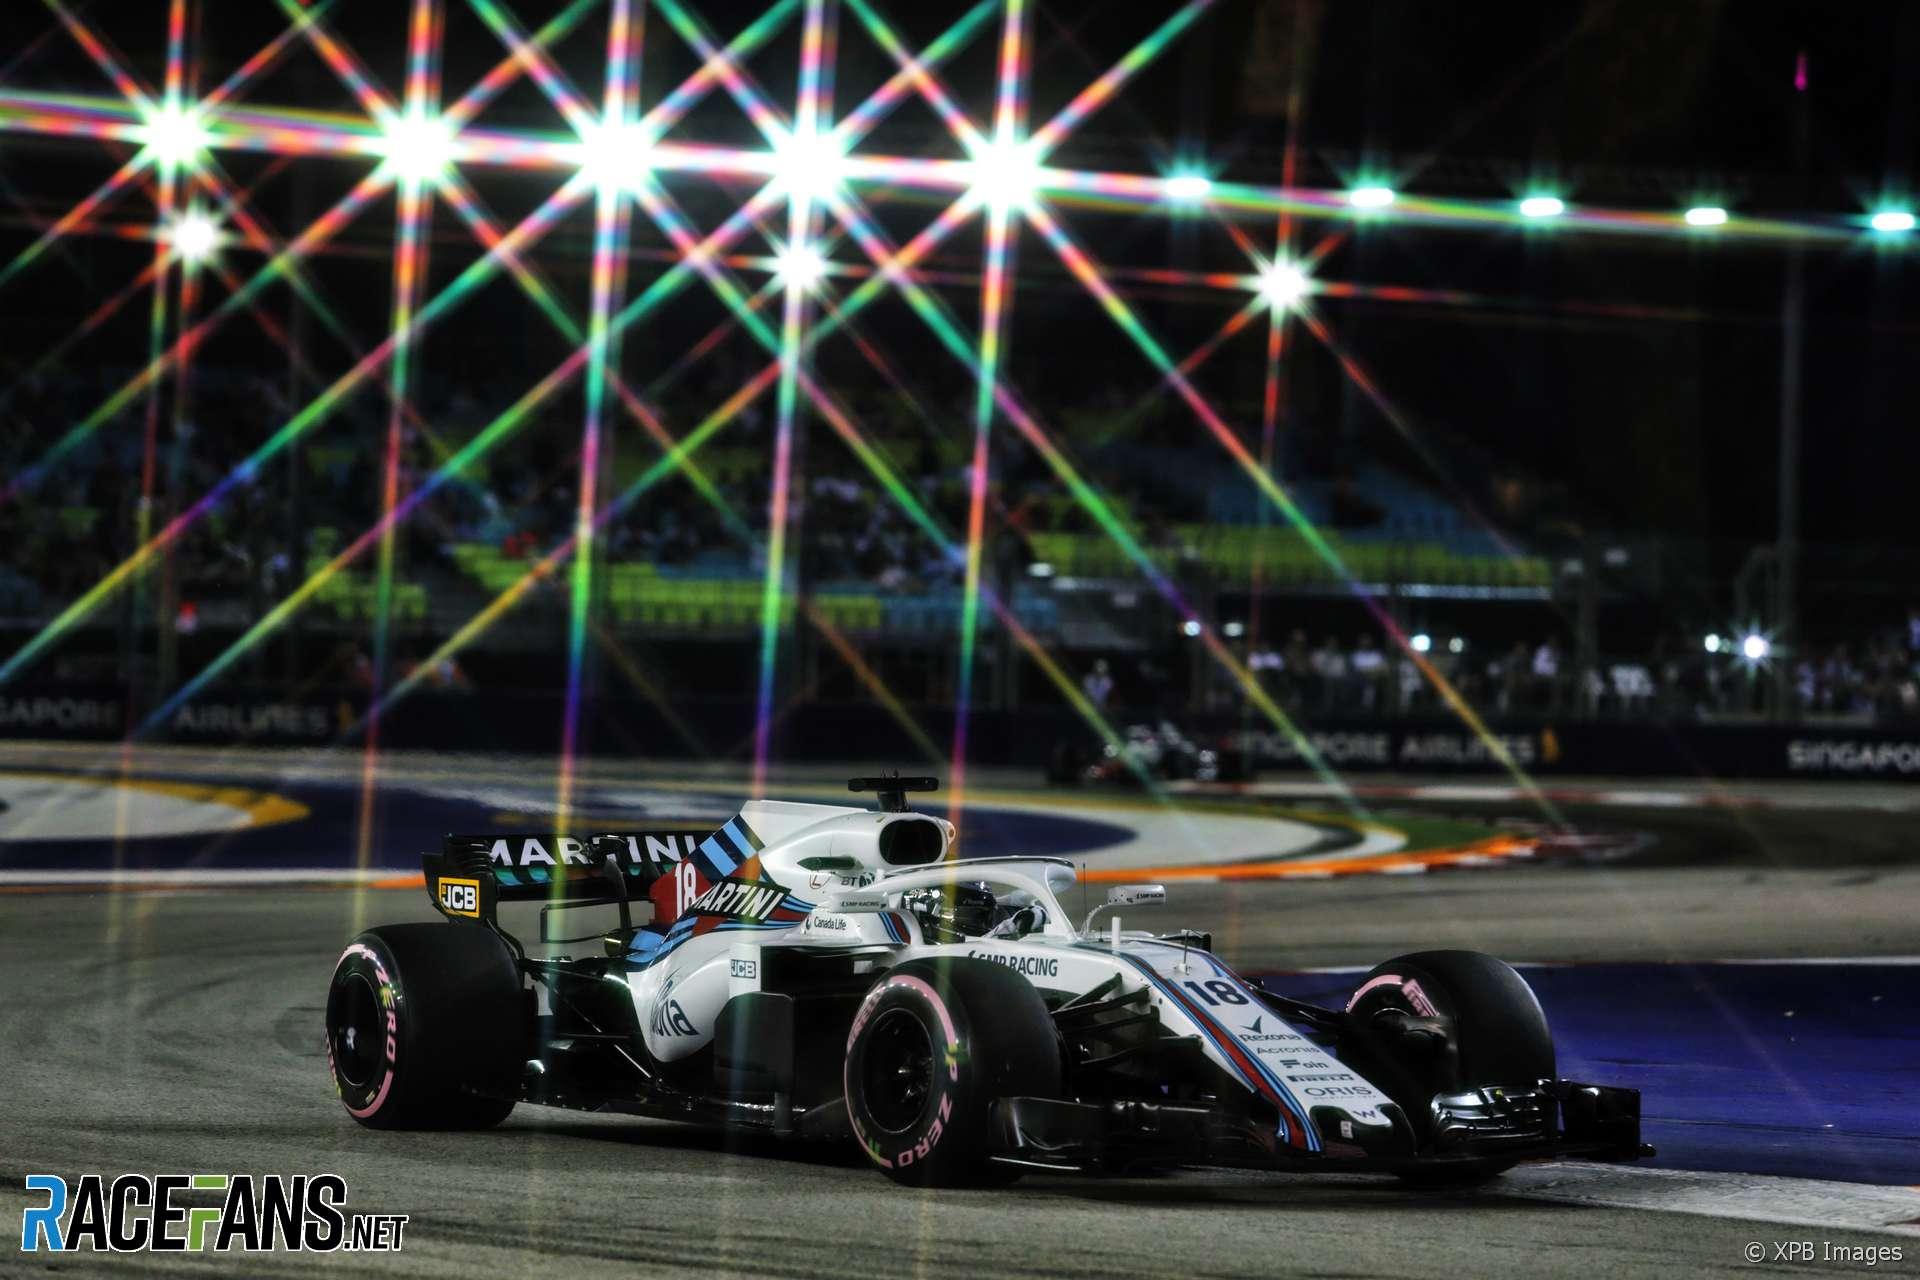 racefansdotnet-20180914-172914-7.jpg